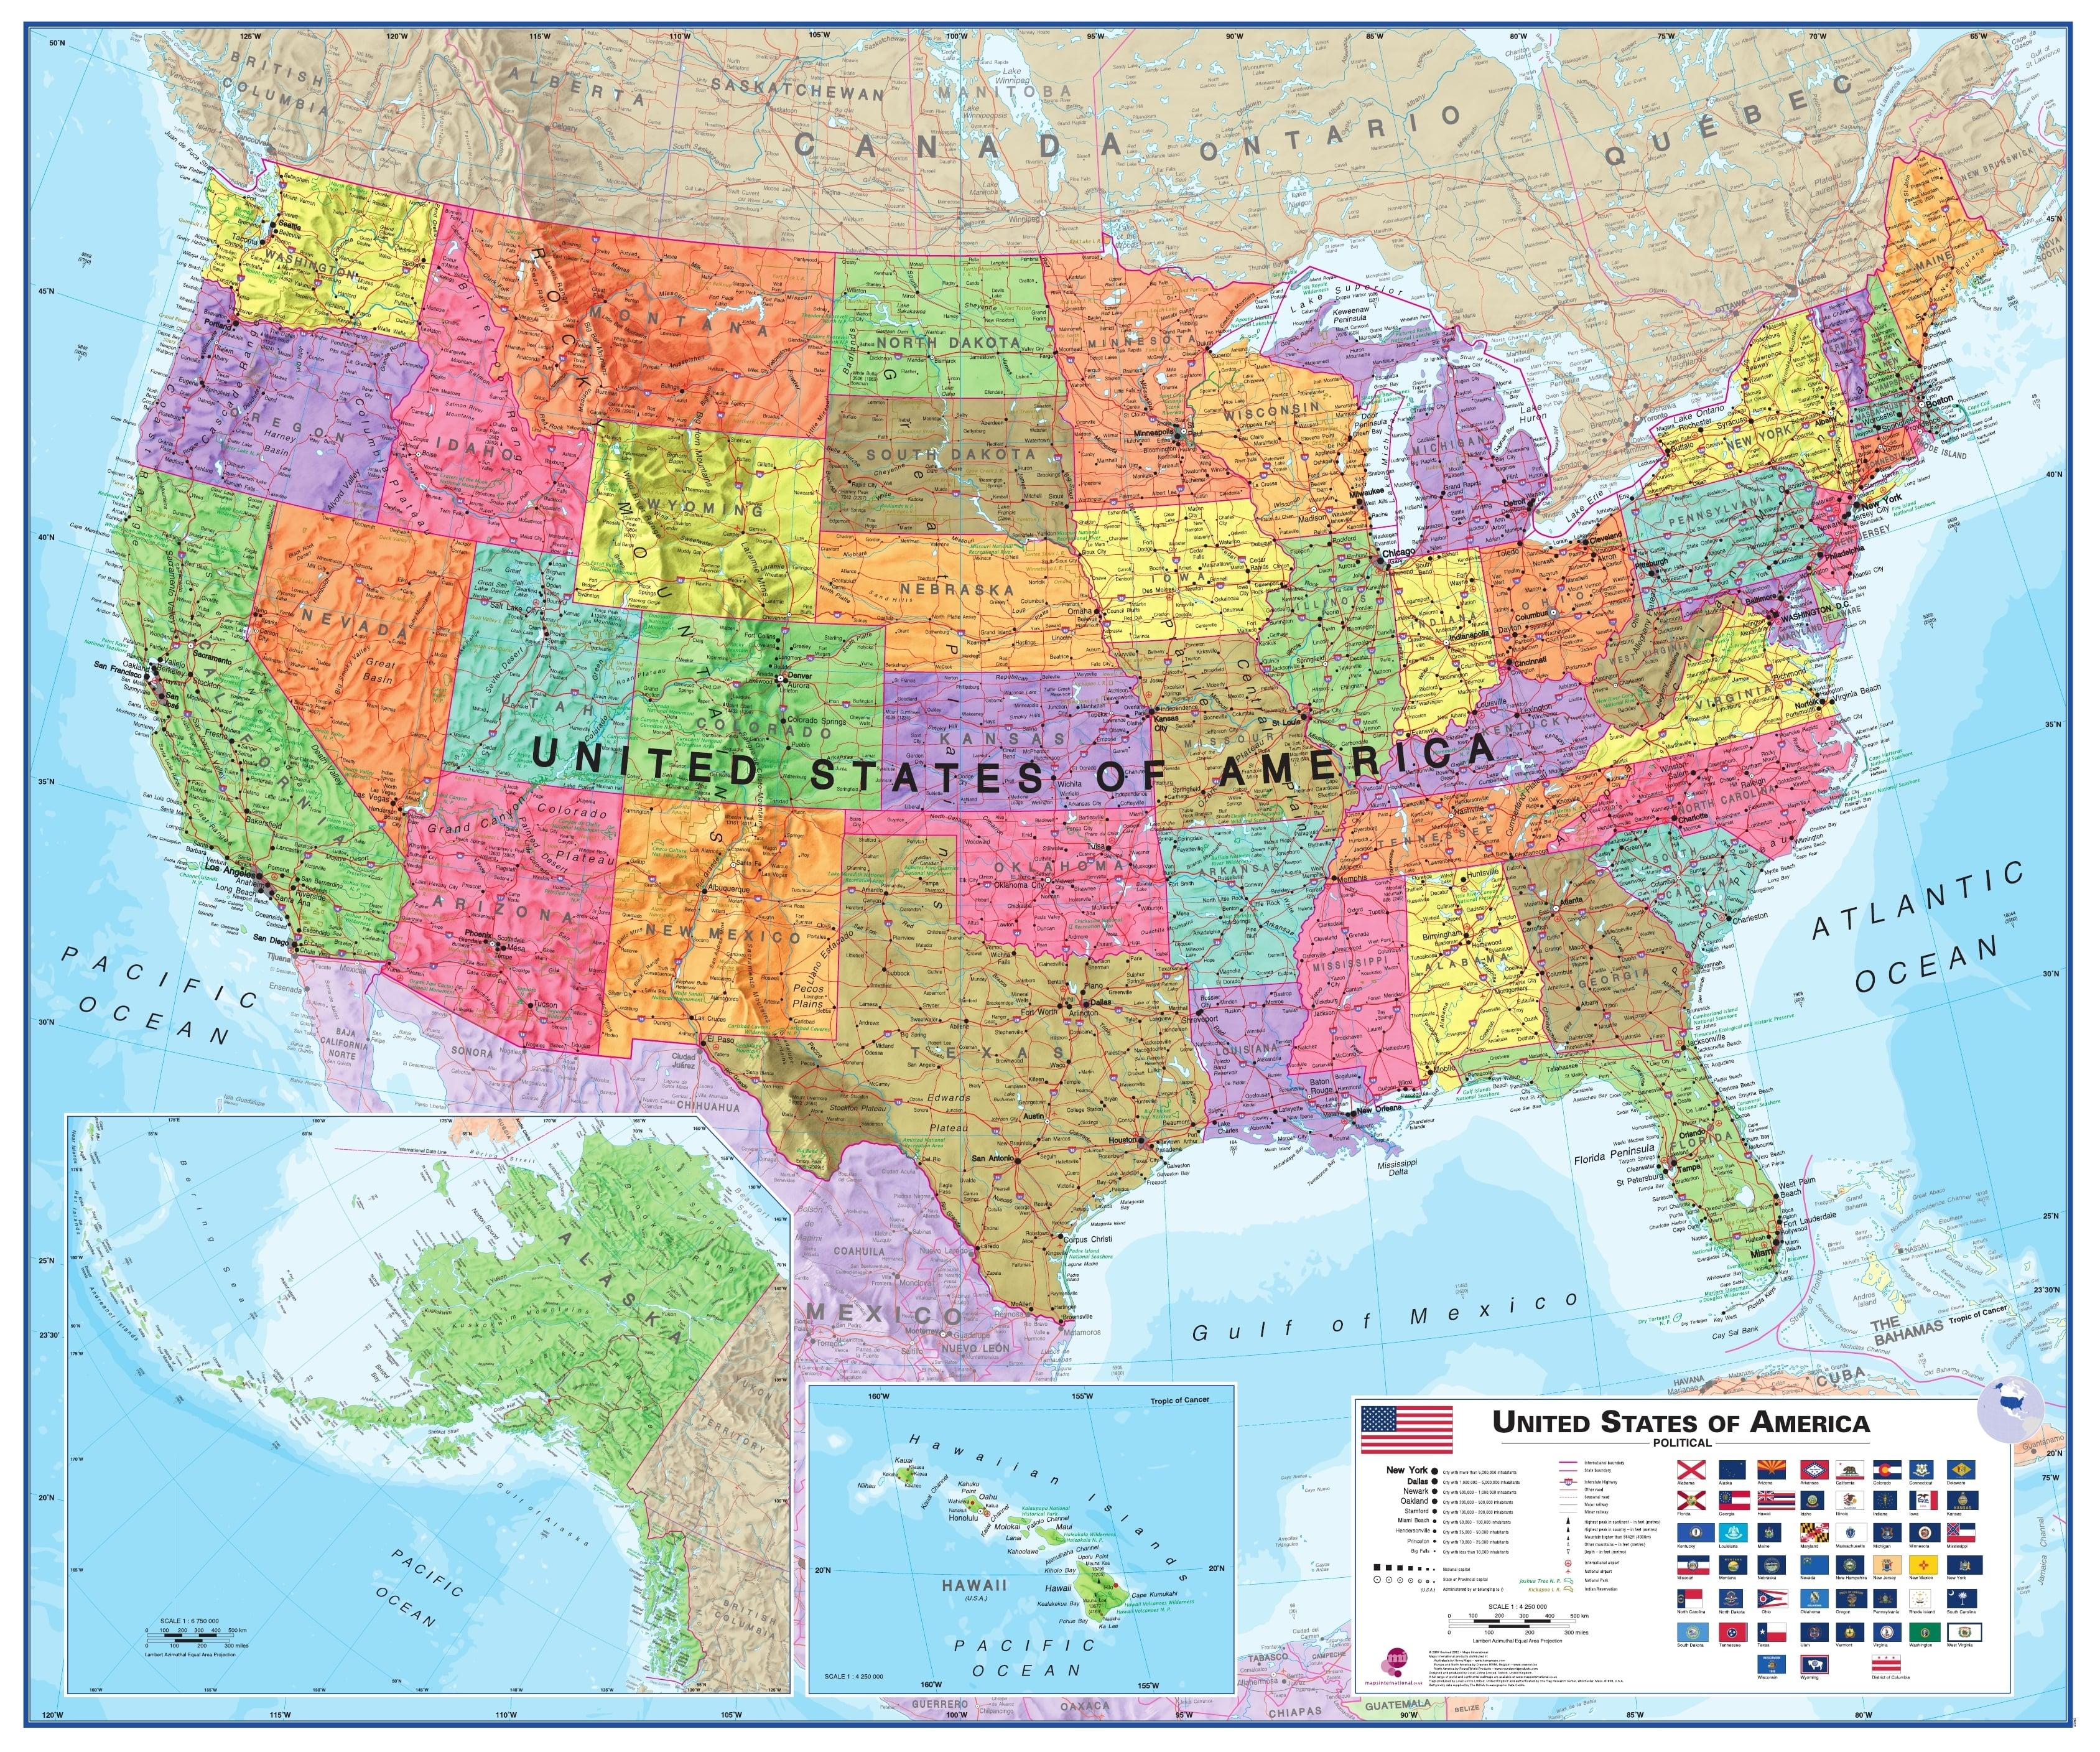 landkarte amerika Politische USA Landkarte   USA   Länderkarten   Landkarten  landkarte amerika